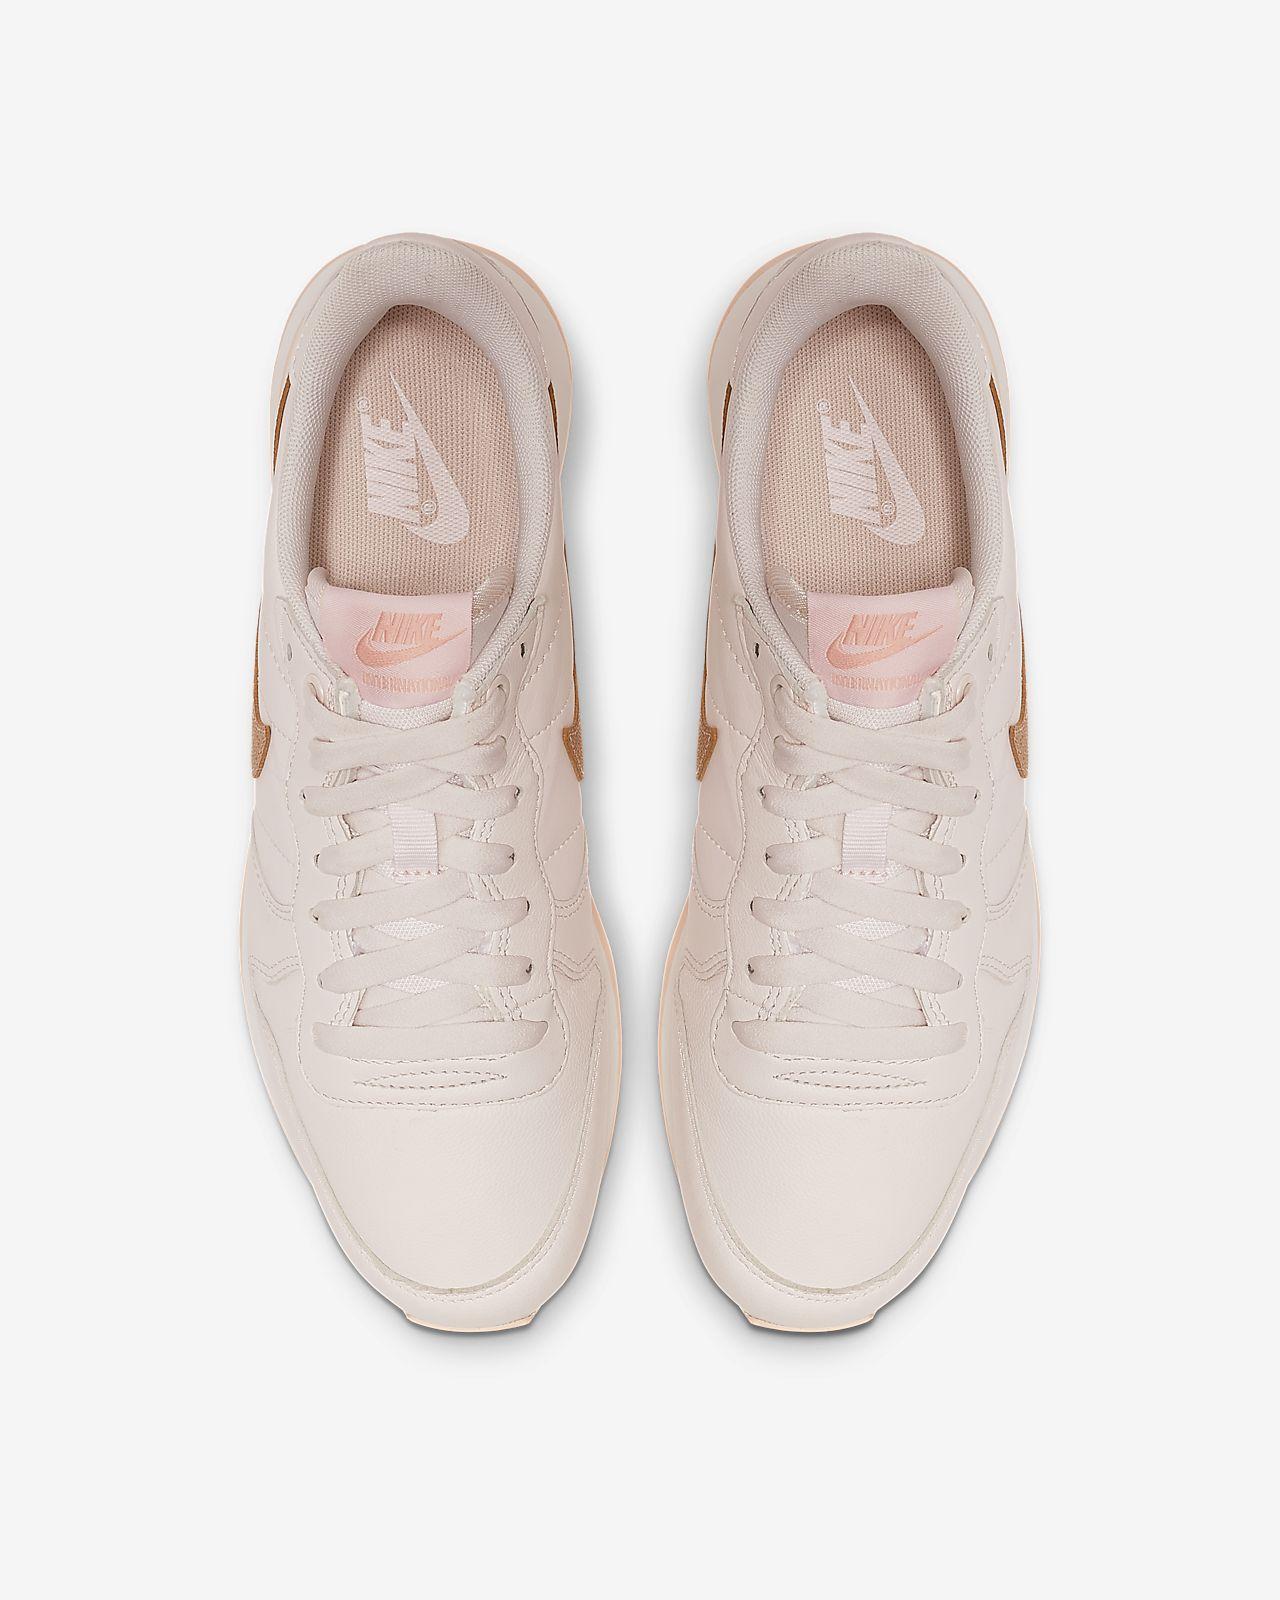 best sneakers 67e1d 70f84 Low Resolution Nike Internationalist Premium Women s Shoe Nike  Internationalist Premium Women s Shoe